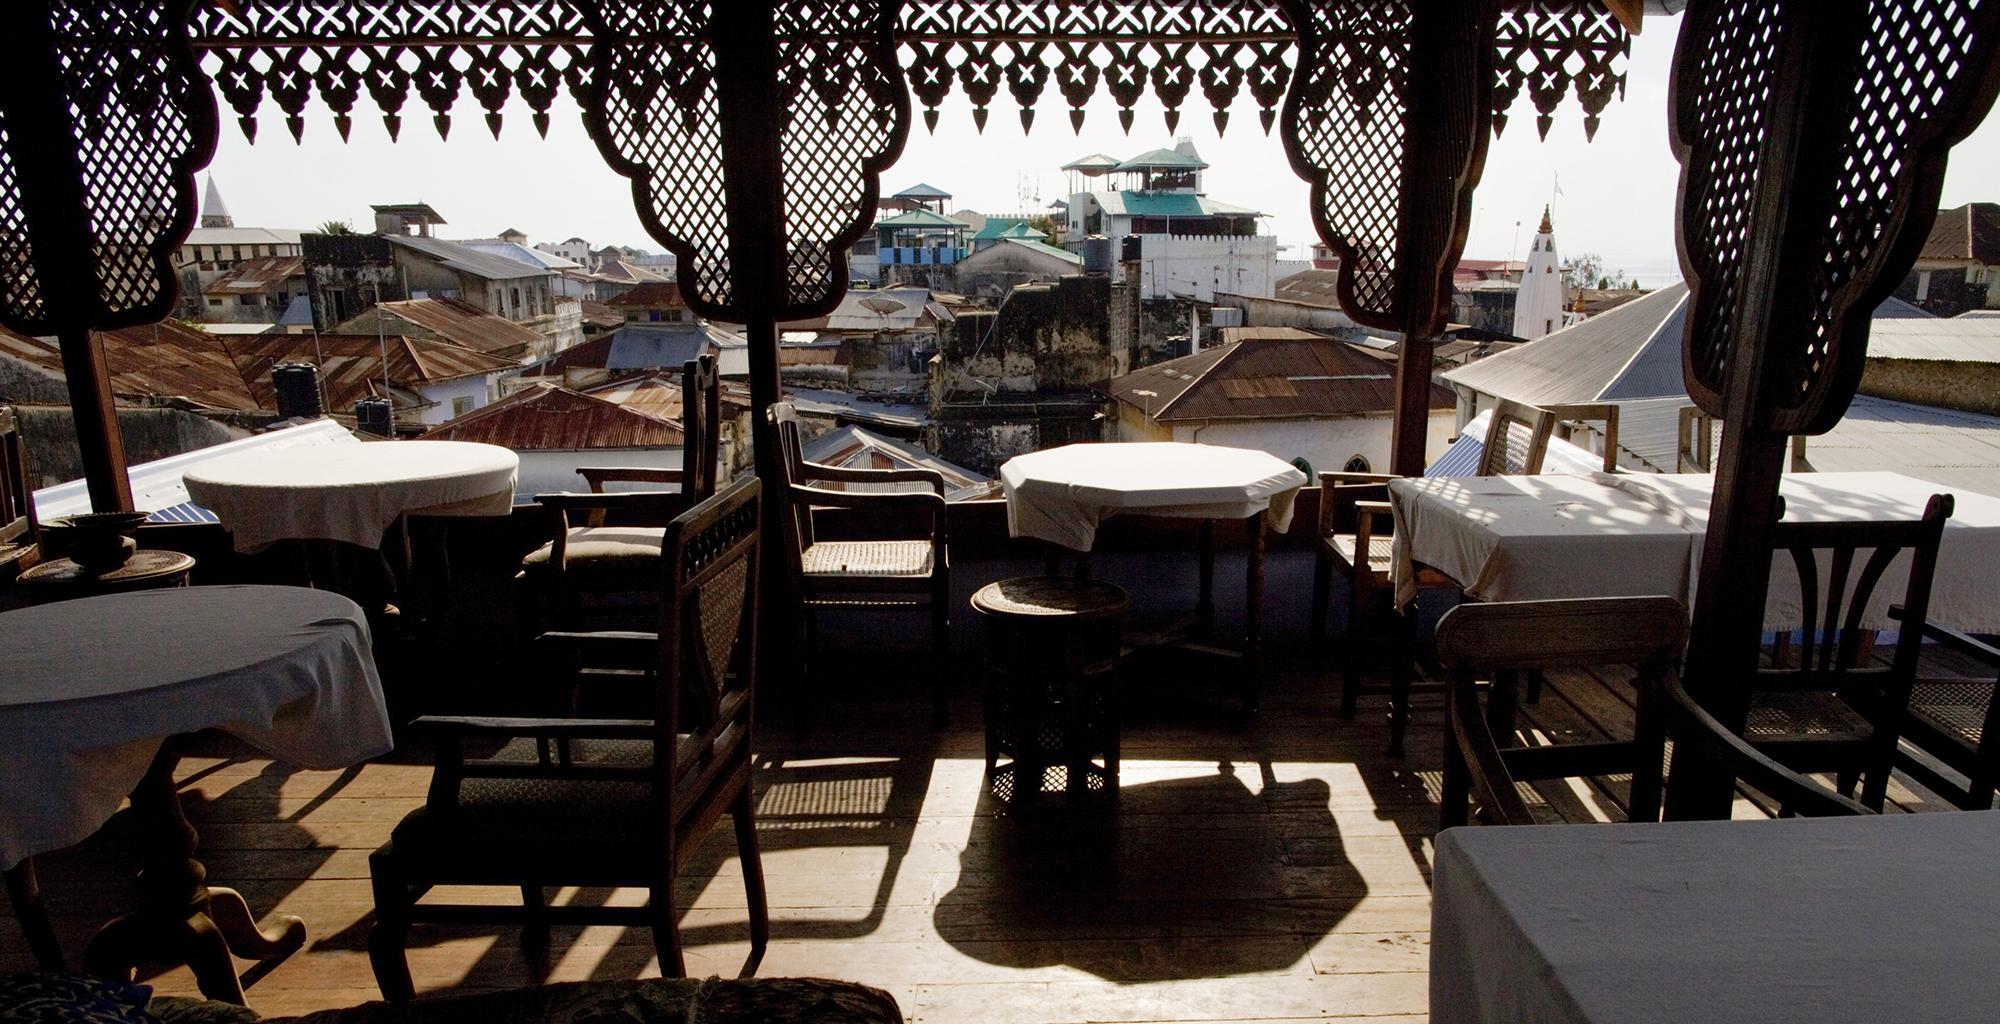 Tanzania-Emerson-Spice-Balcony